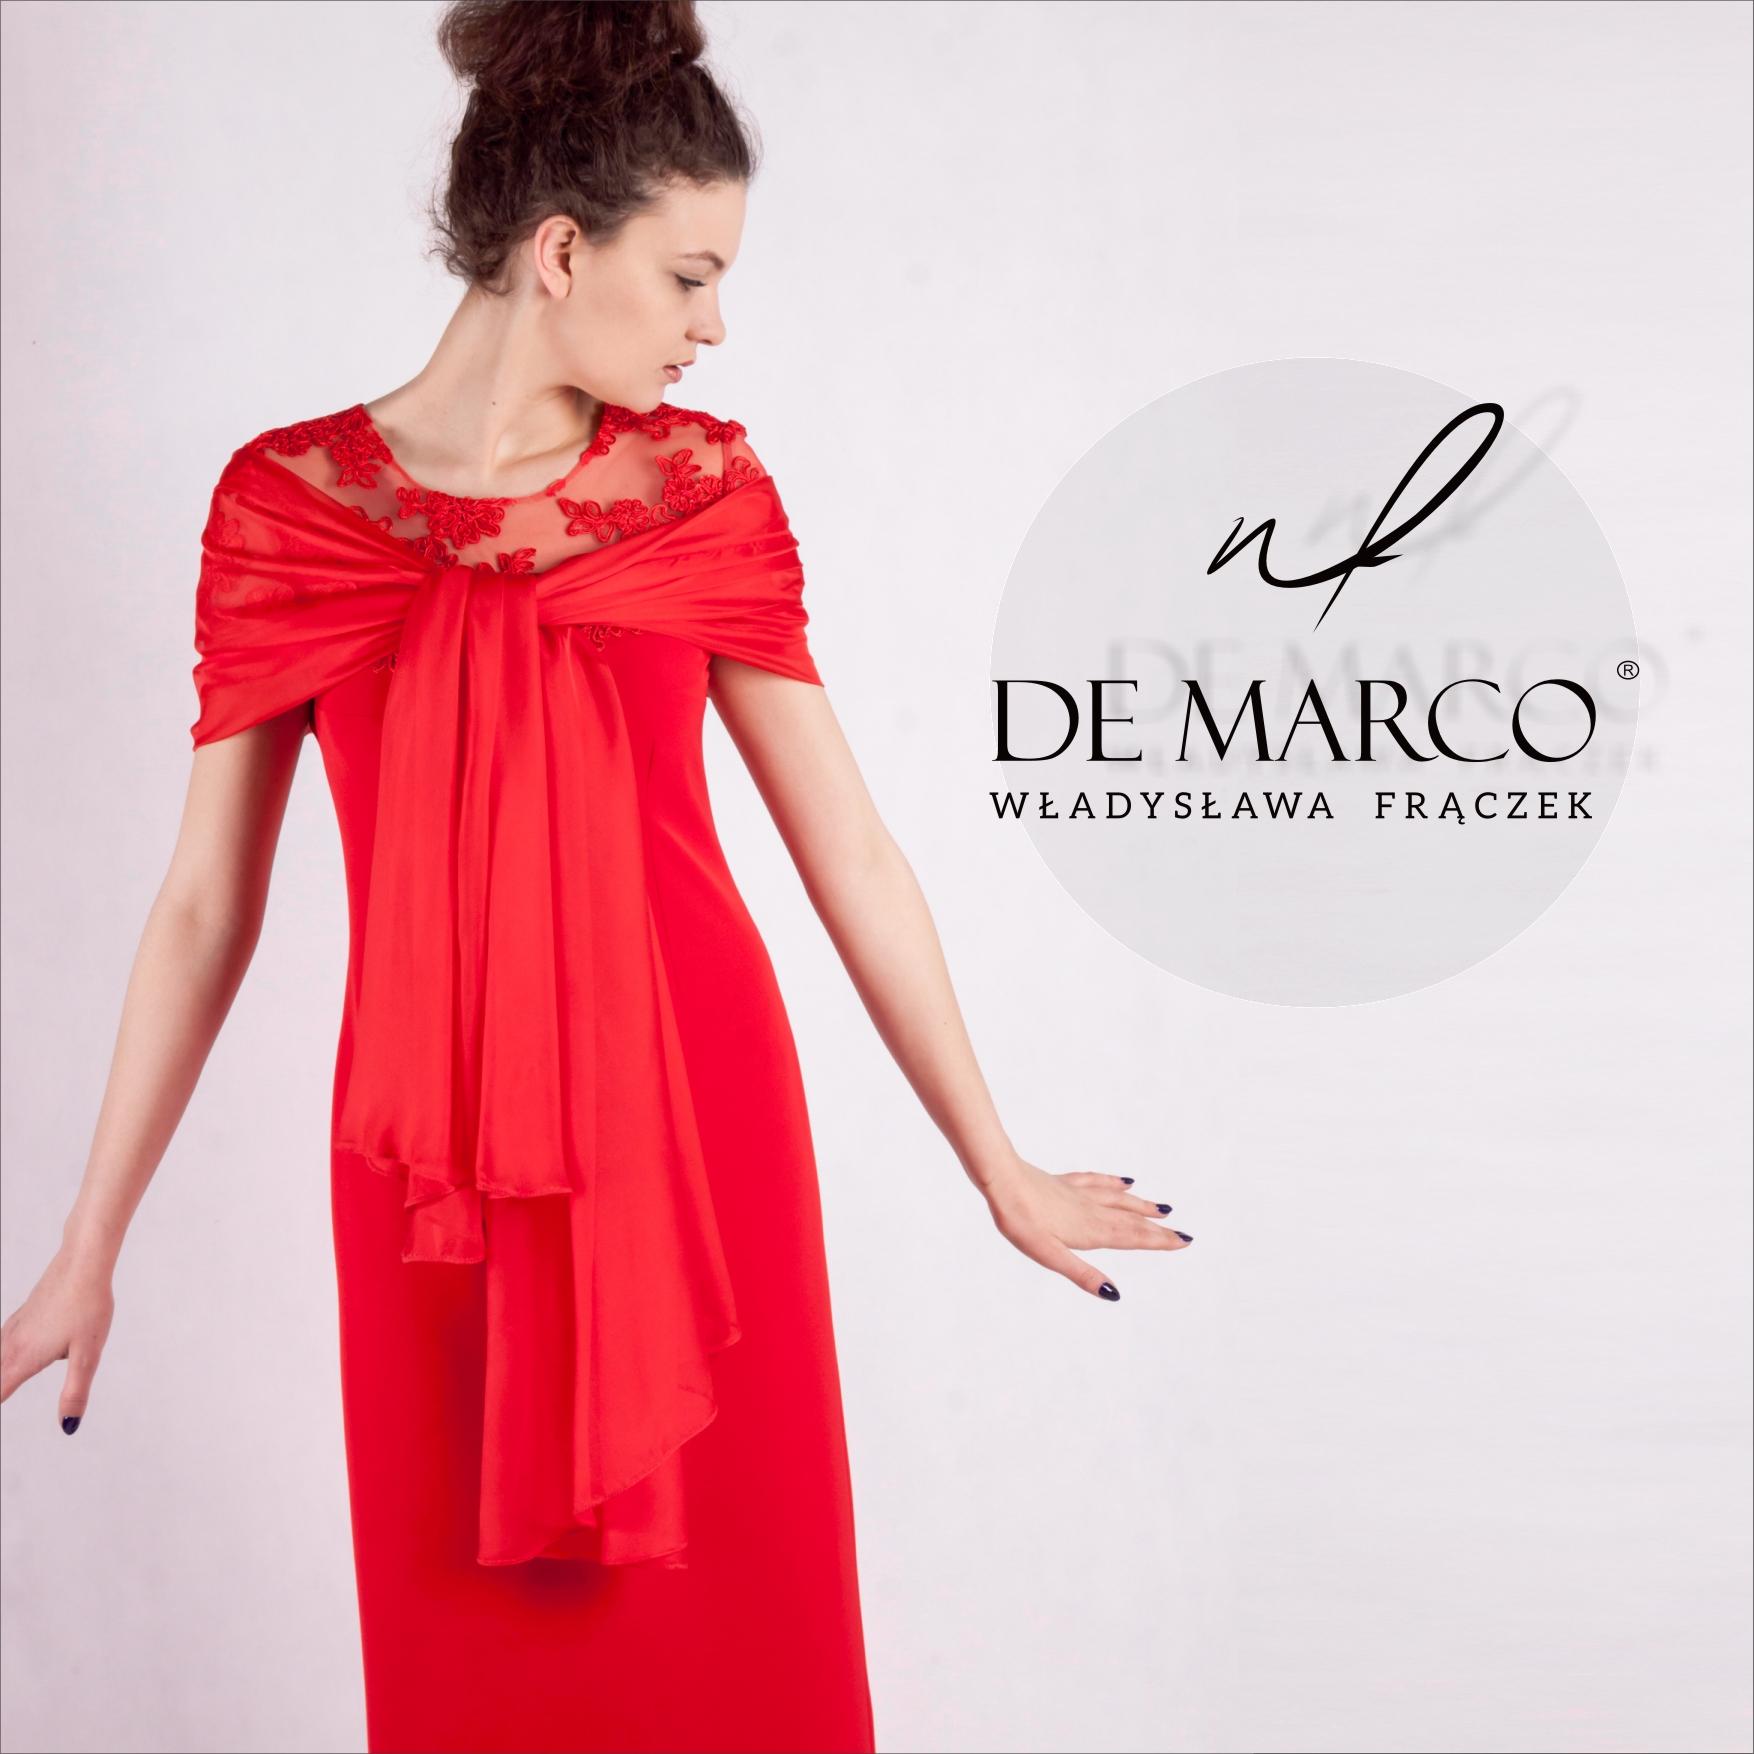 Ekskluzywne suknie dla mamy weselnej dostępne w sklepie internetowym De Marco. Długa czerwona sukienka na wesele. Szycie na miarę.